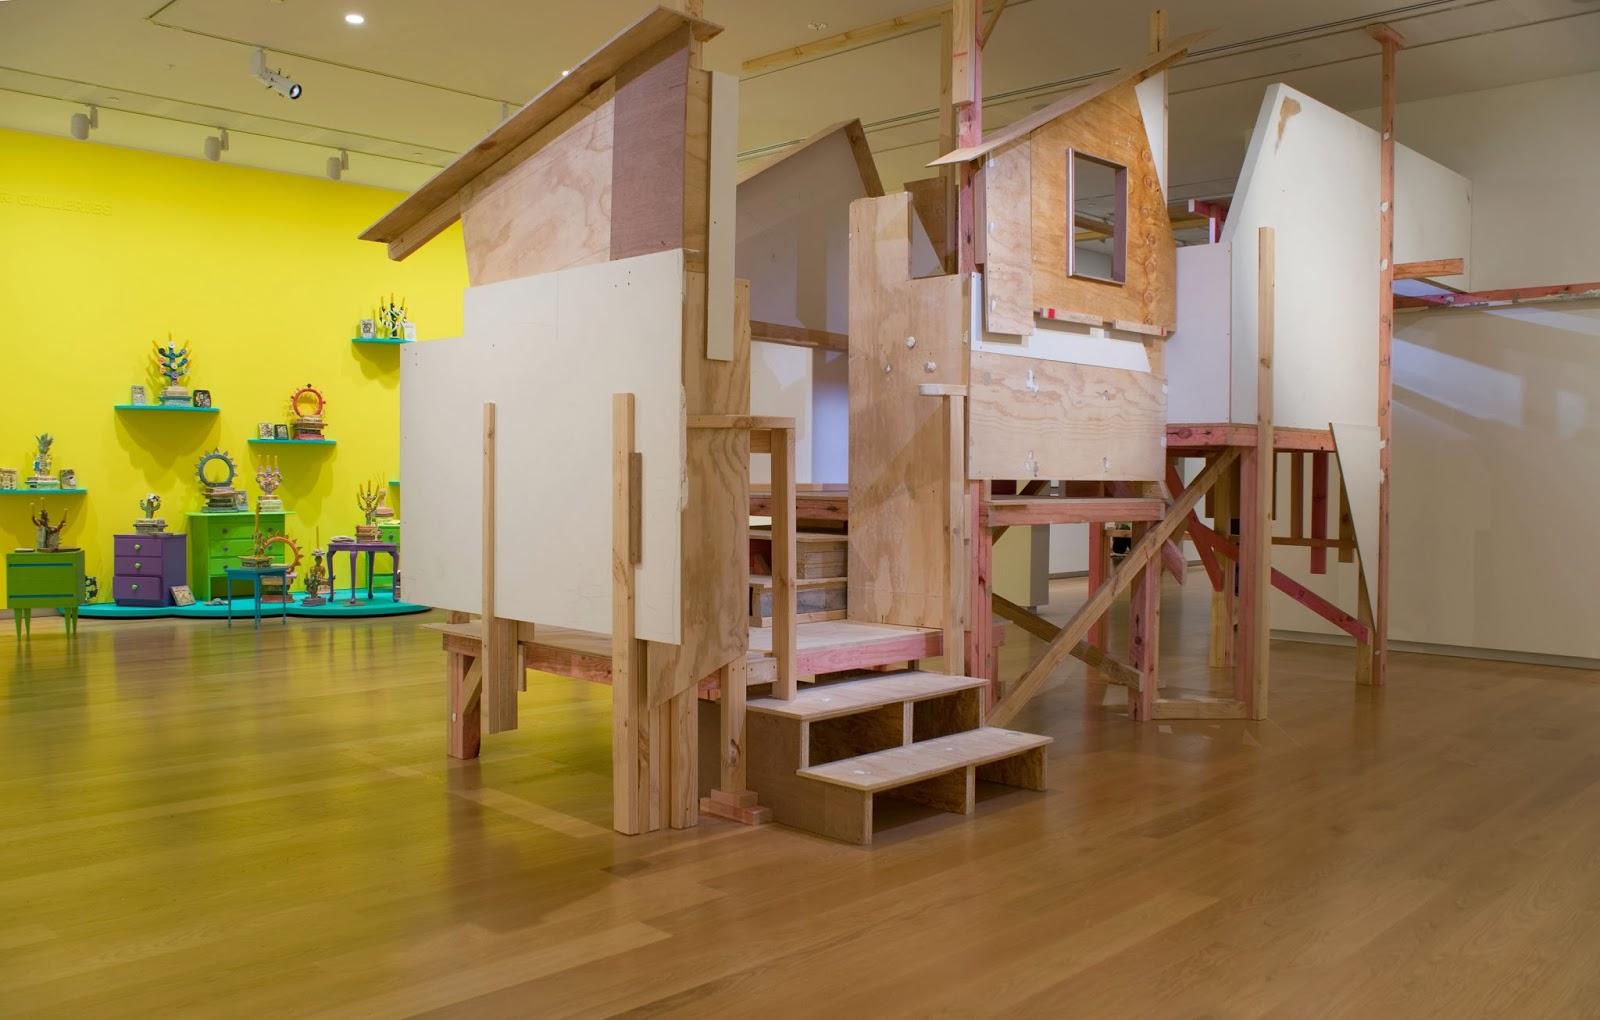 Tree Hut, 2013, Freedom Farmers, Auckland Art Gallery Toi o Tāmaki